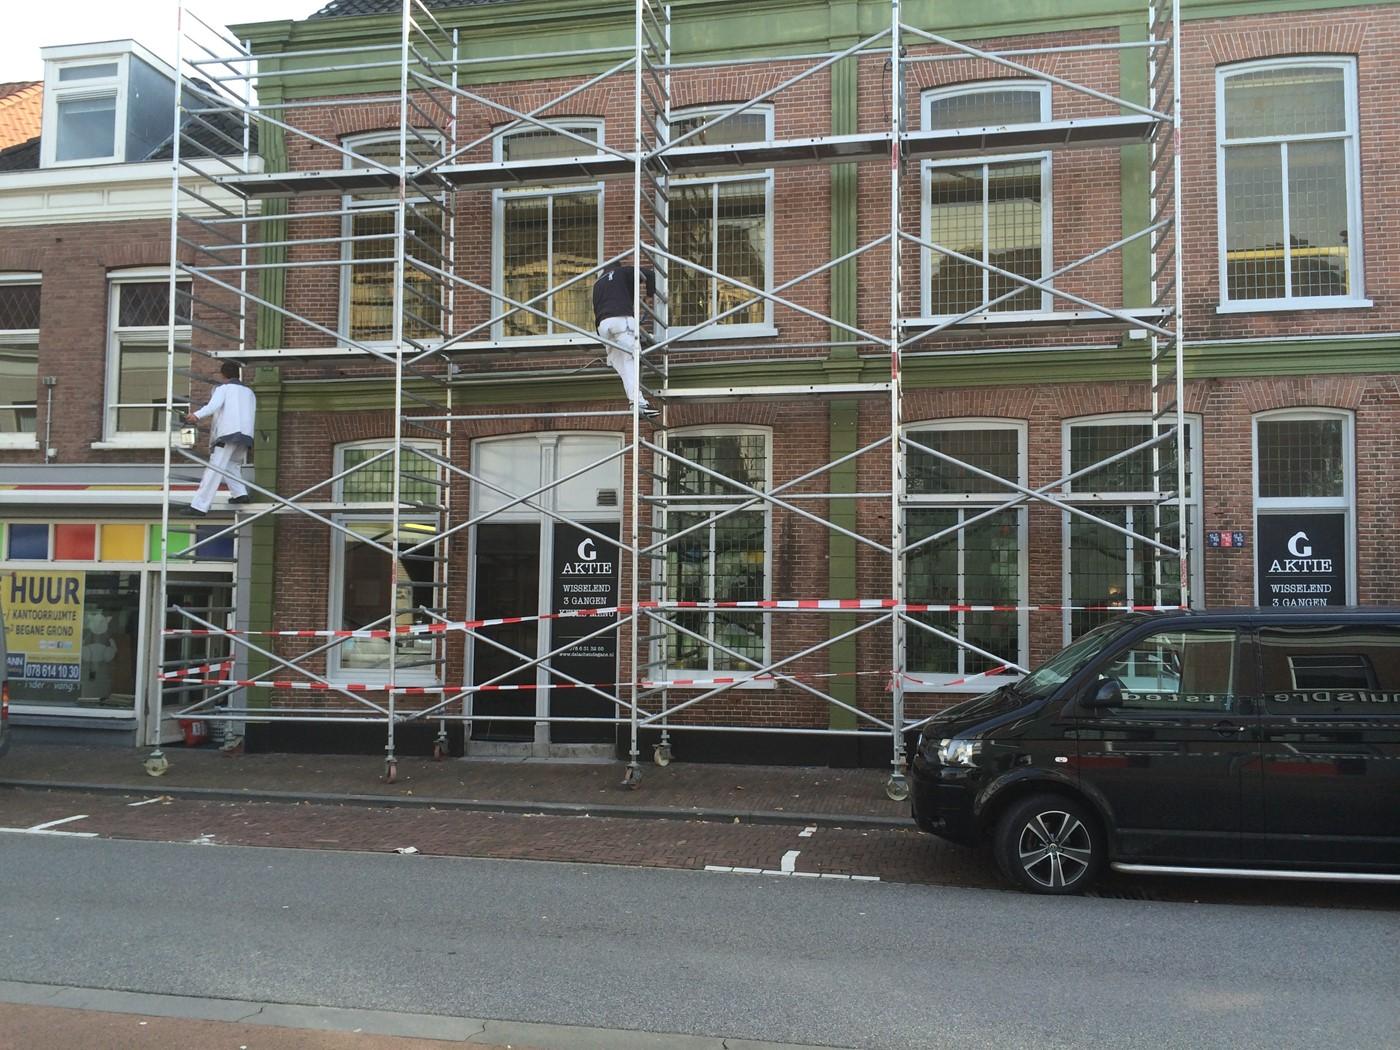 Lachende Gans, Dordrecht